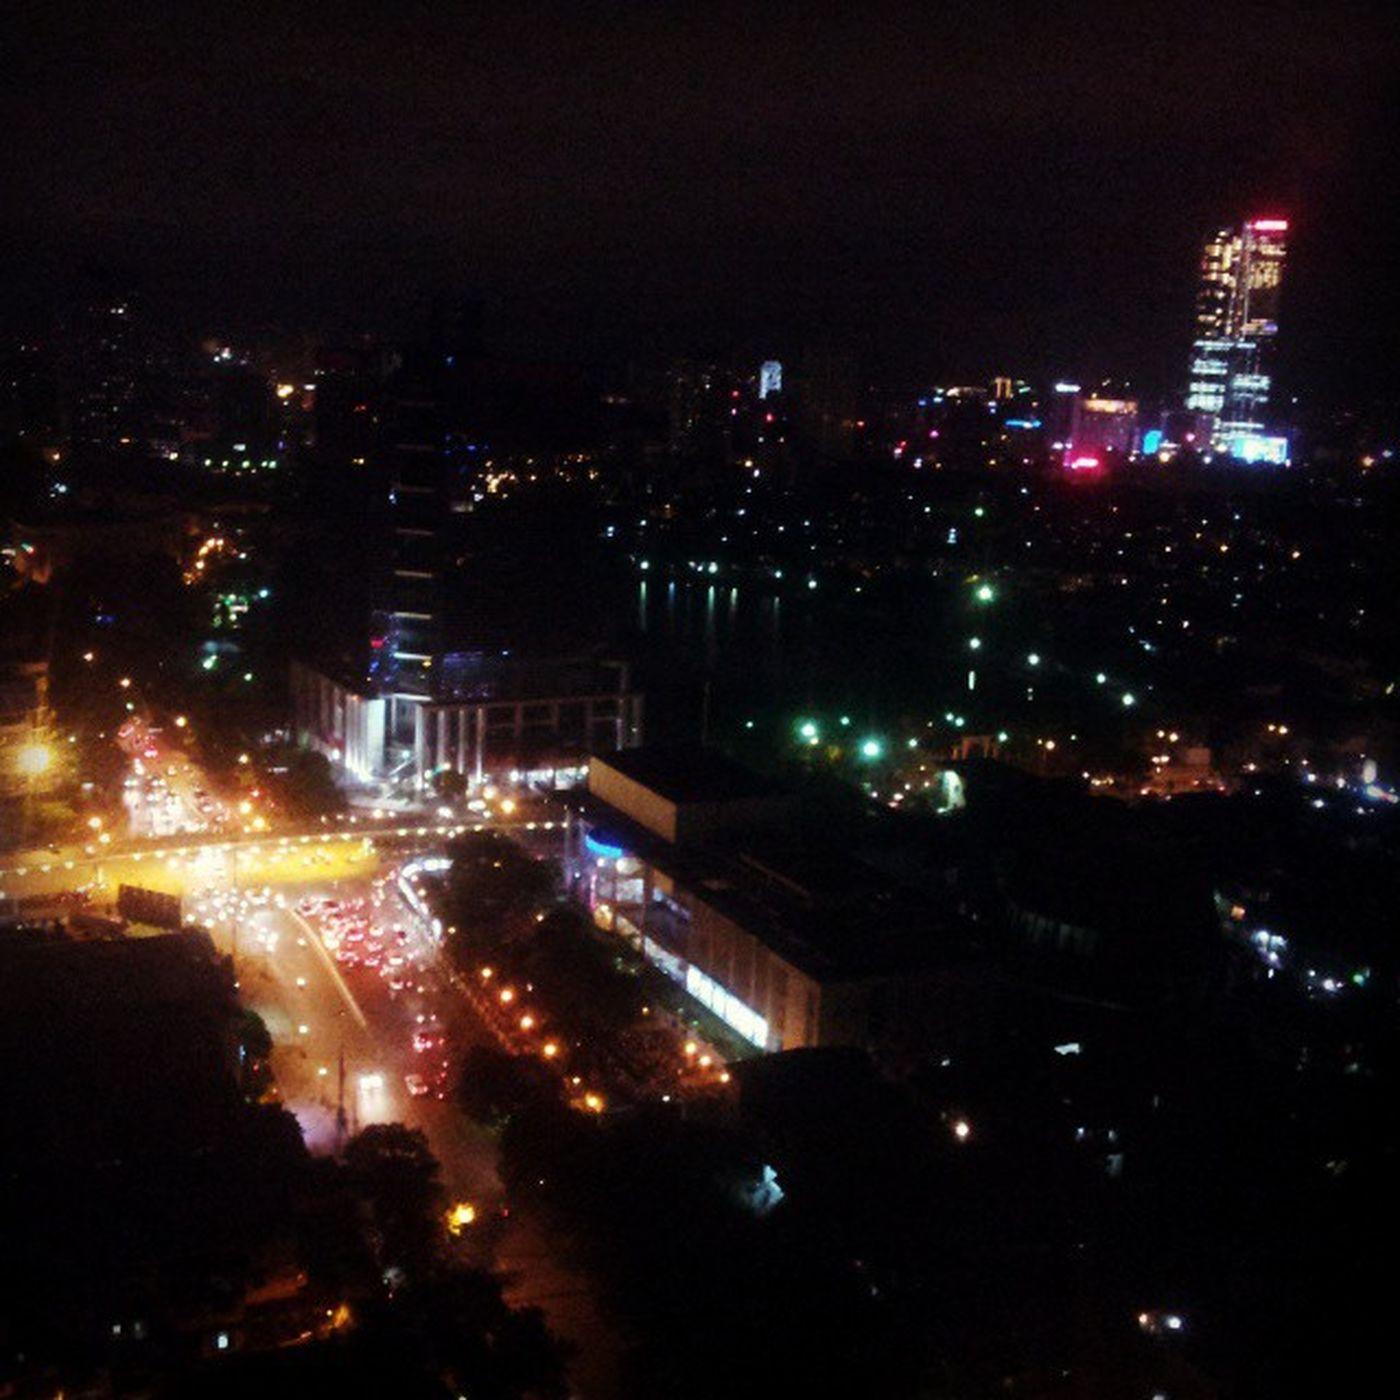 Hanoinight Skyscraper Roof Imaliveagain